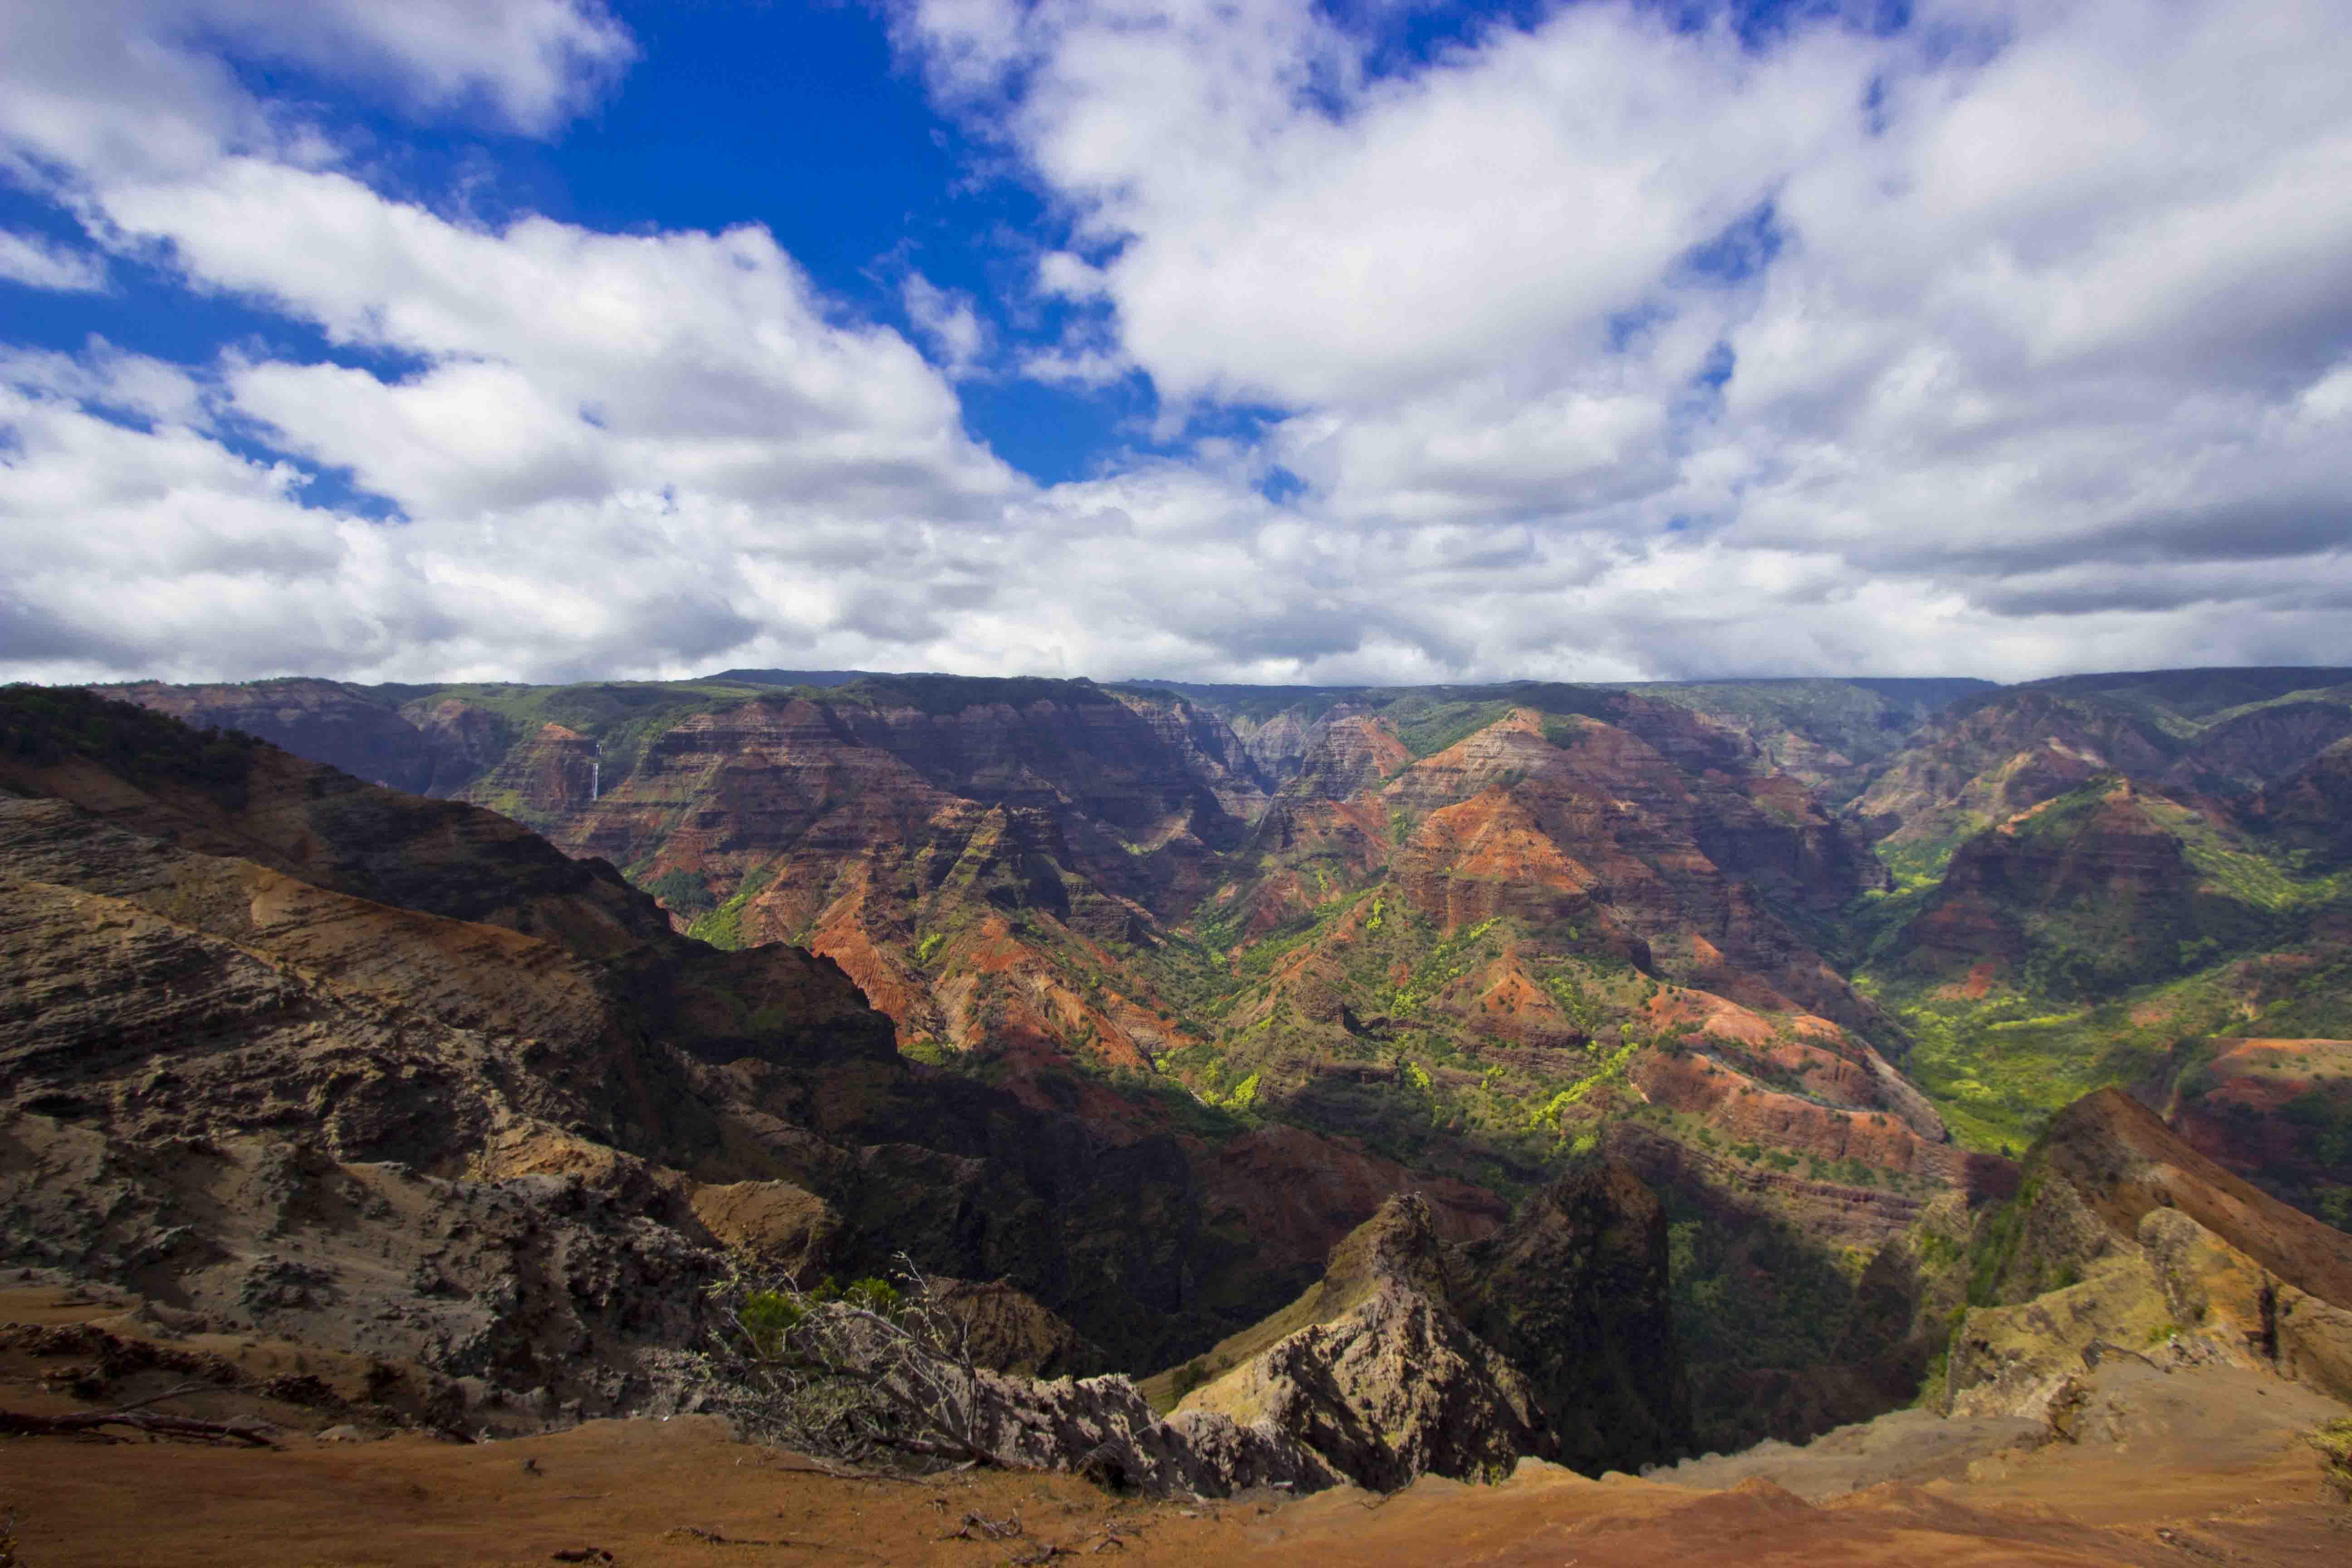 Hawaje - Kanion Waimea